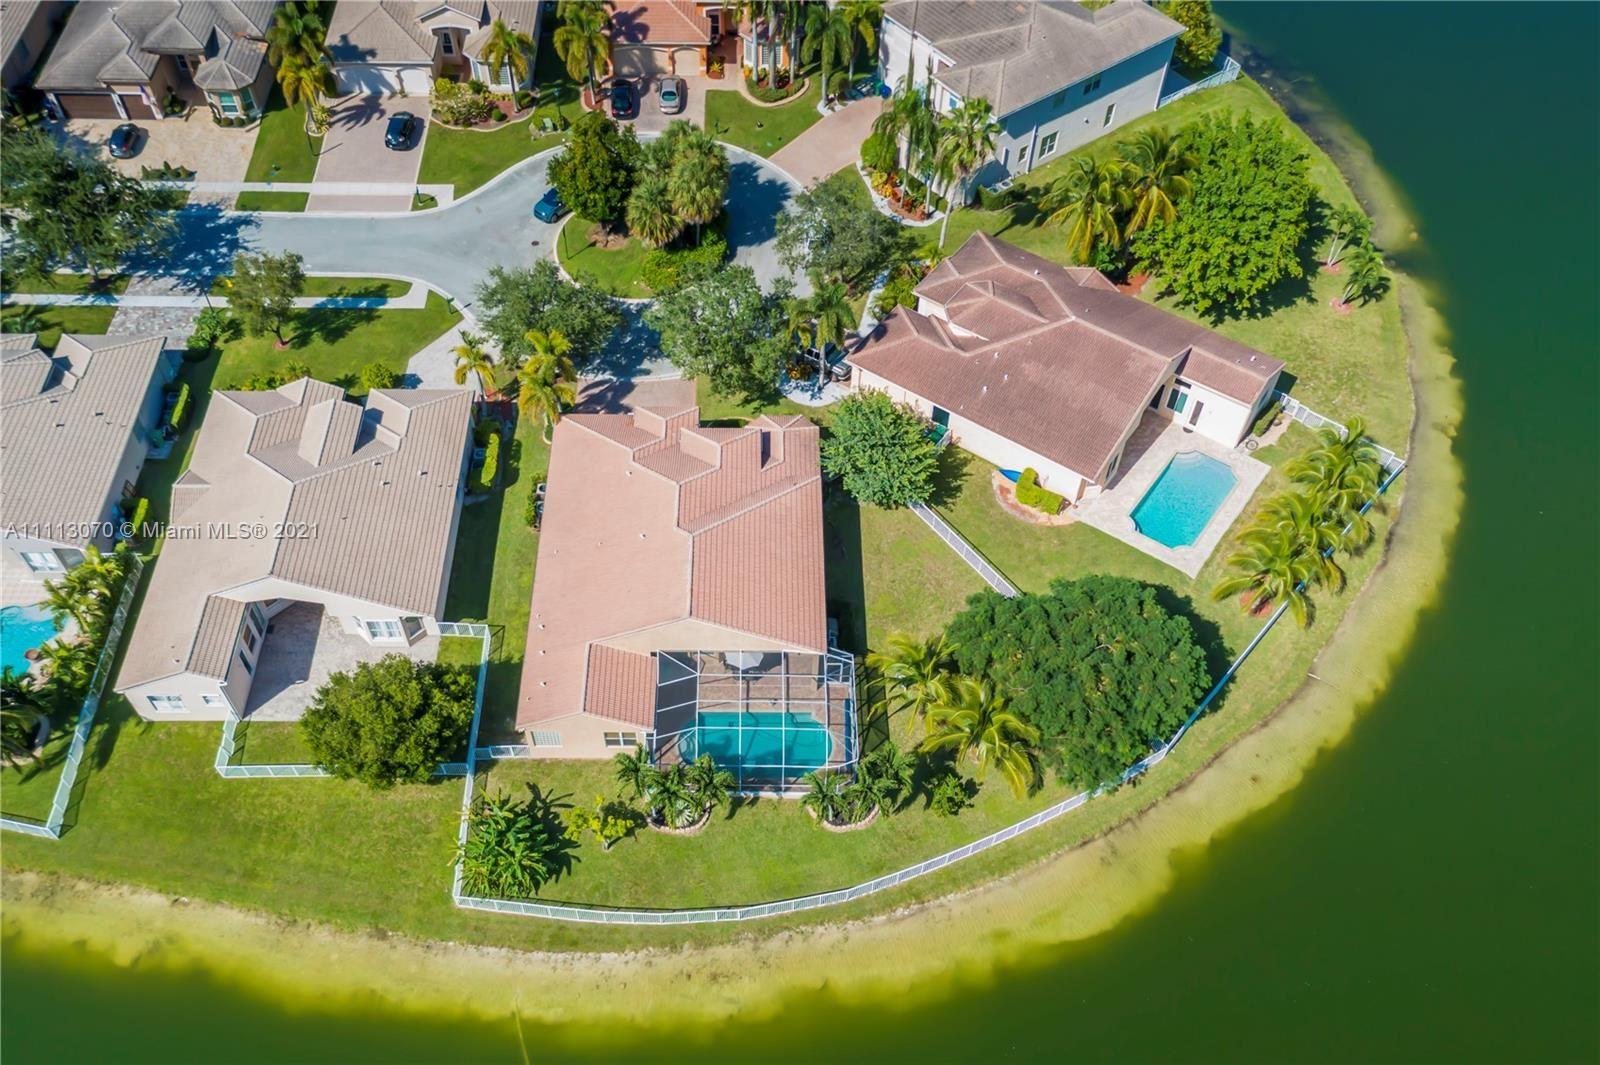 Photo of 18568 SW 46th St, Miramar, FL 33029 (MLS # A11113070)